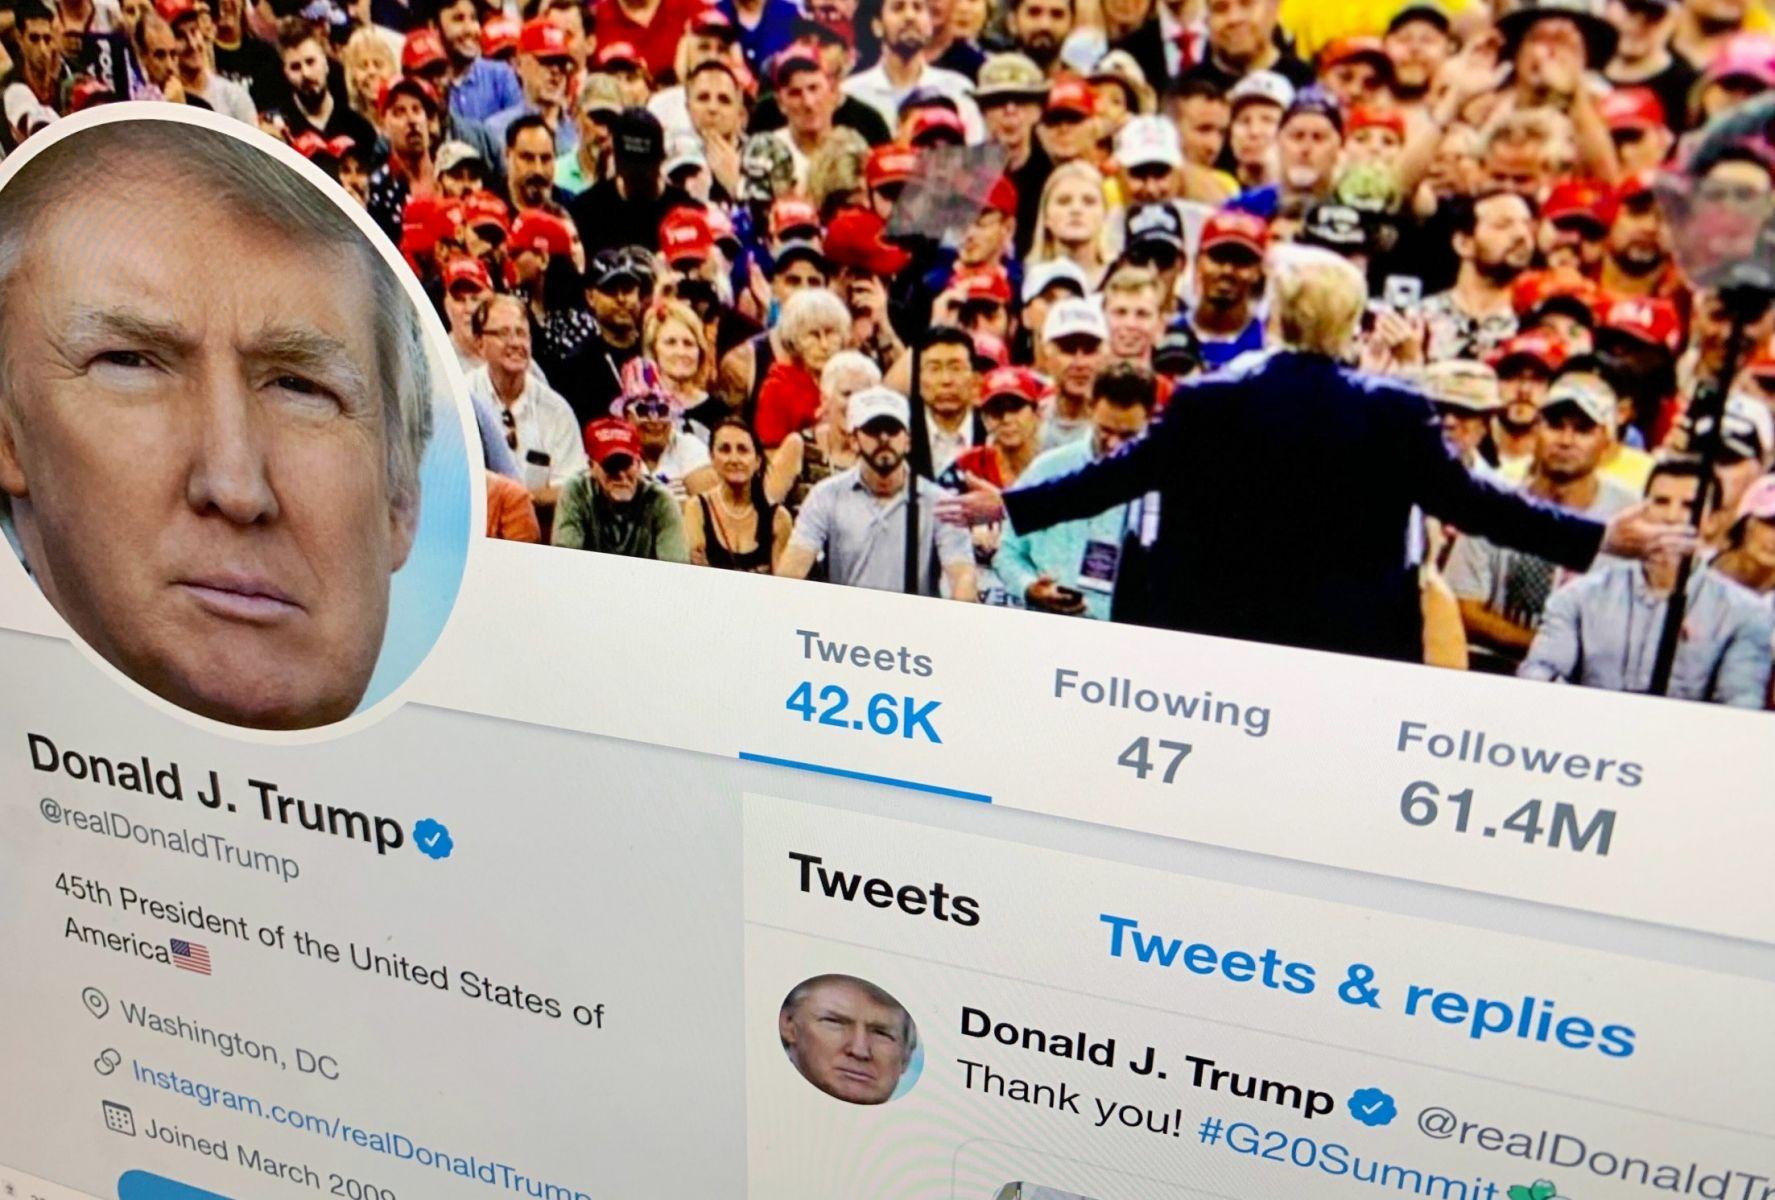 Donald Trump Jr.: Free speech is dead in the US